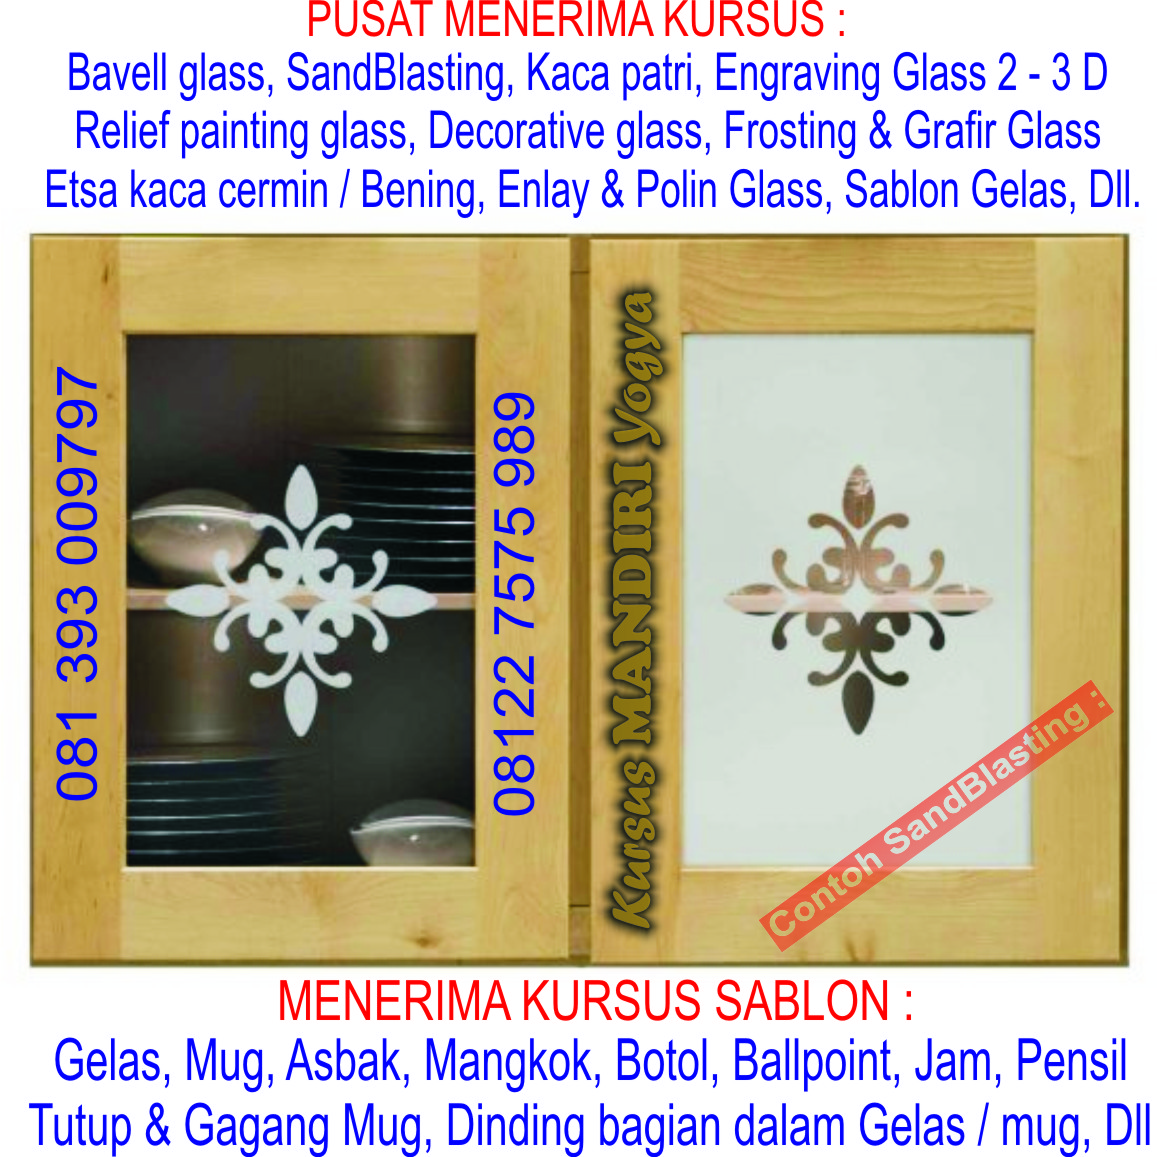 Frosted Glass Fiberglass Emboss Sandblasting Etsa Bevell: Kami Spesial Website PUSAT KURSUS : Cetak Offset, Jilid